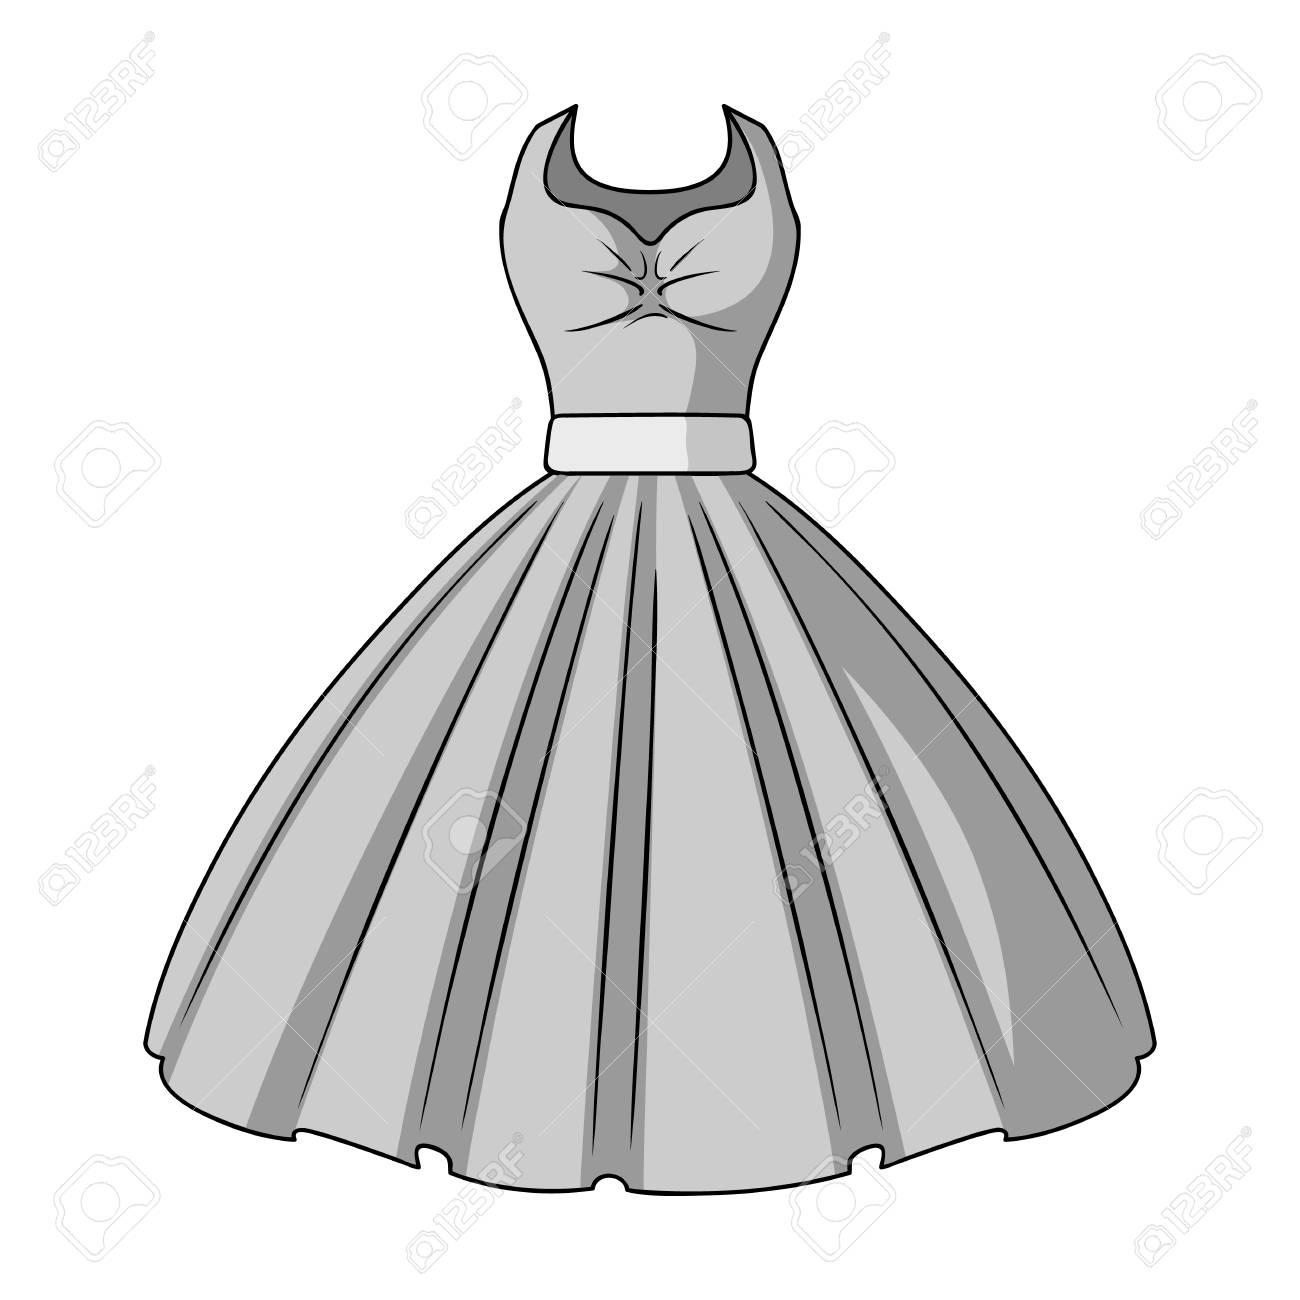 女の子のふわふわの白いウェディング ドレス。結婚式の摩耗。女性の服のモノクロ スタイルで 1 つのアイコン ベクトル シンボル ストック イラストです。